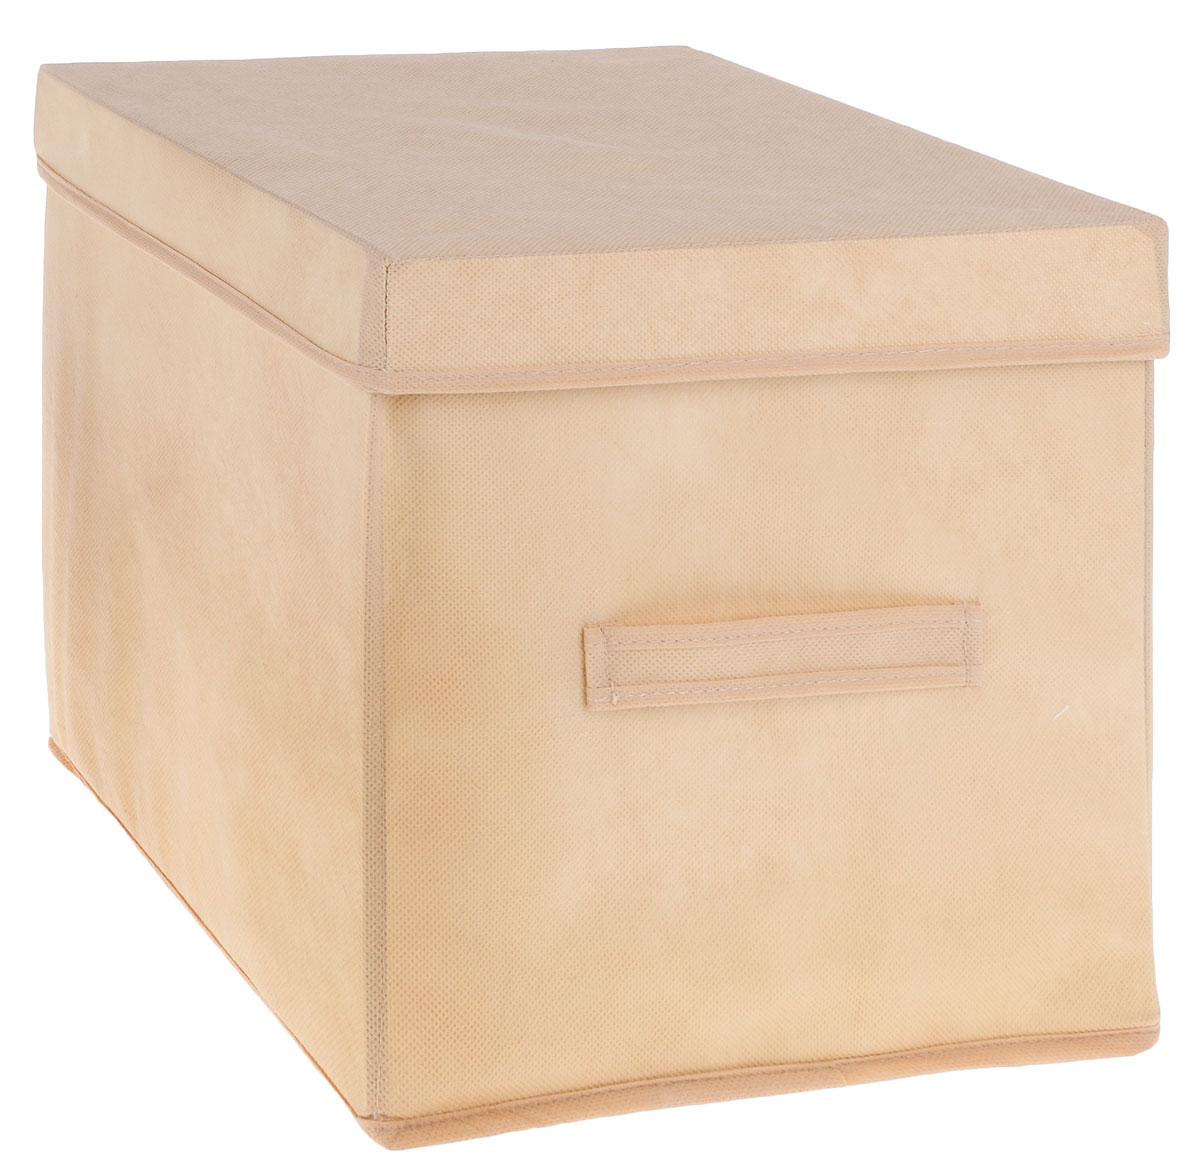 Коробка для вещей и игрушек Все на местах Minimalistic, с крышкой, цвет: бежевый, 30 х 30 х 30 см1011034.Коробка с крышкой Minimalistic выполнена из высококачественного нетканого материала, который обеспечивает естественную вентиляцию и предназначен для хранения вещей или игрушек.Он защитит вещи от повреждений, пыли, влаги и загрязнений во время хранения и транспортировки. Размер коробки: 30 х 30 х 30 см.